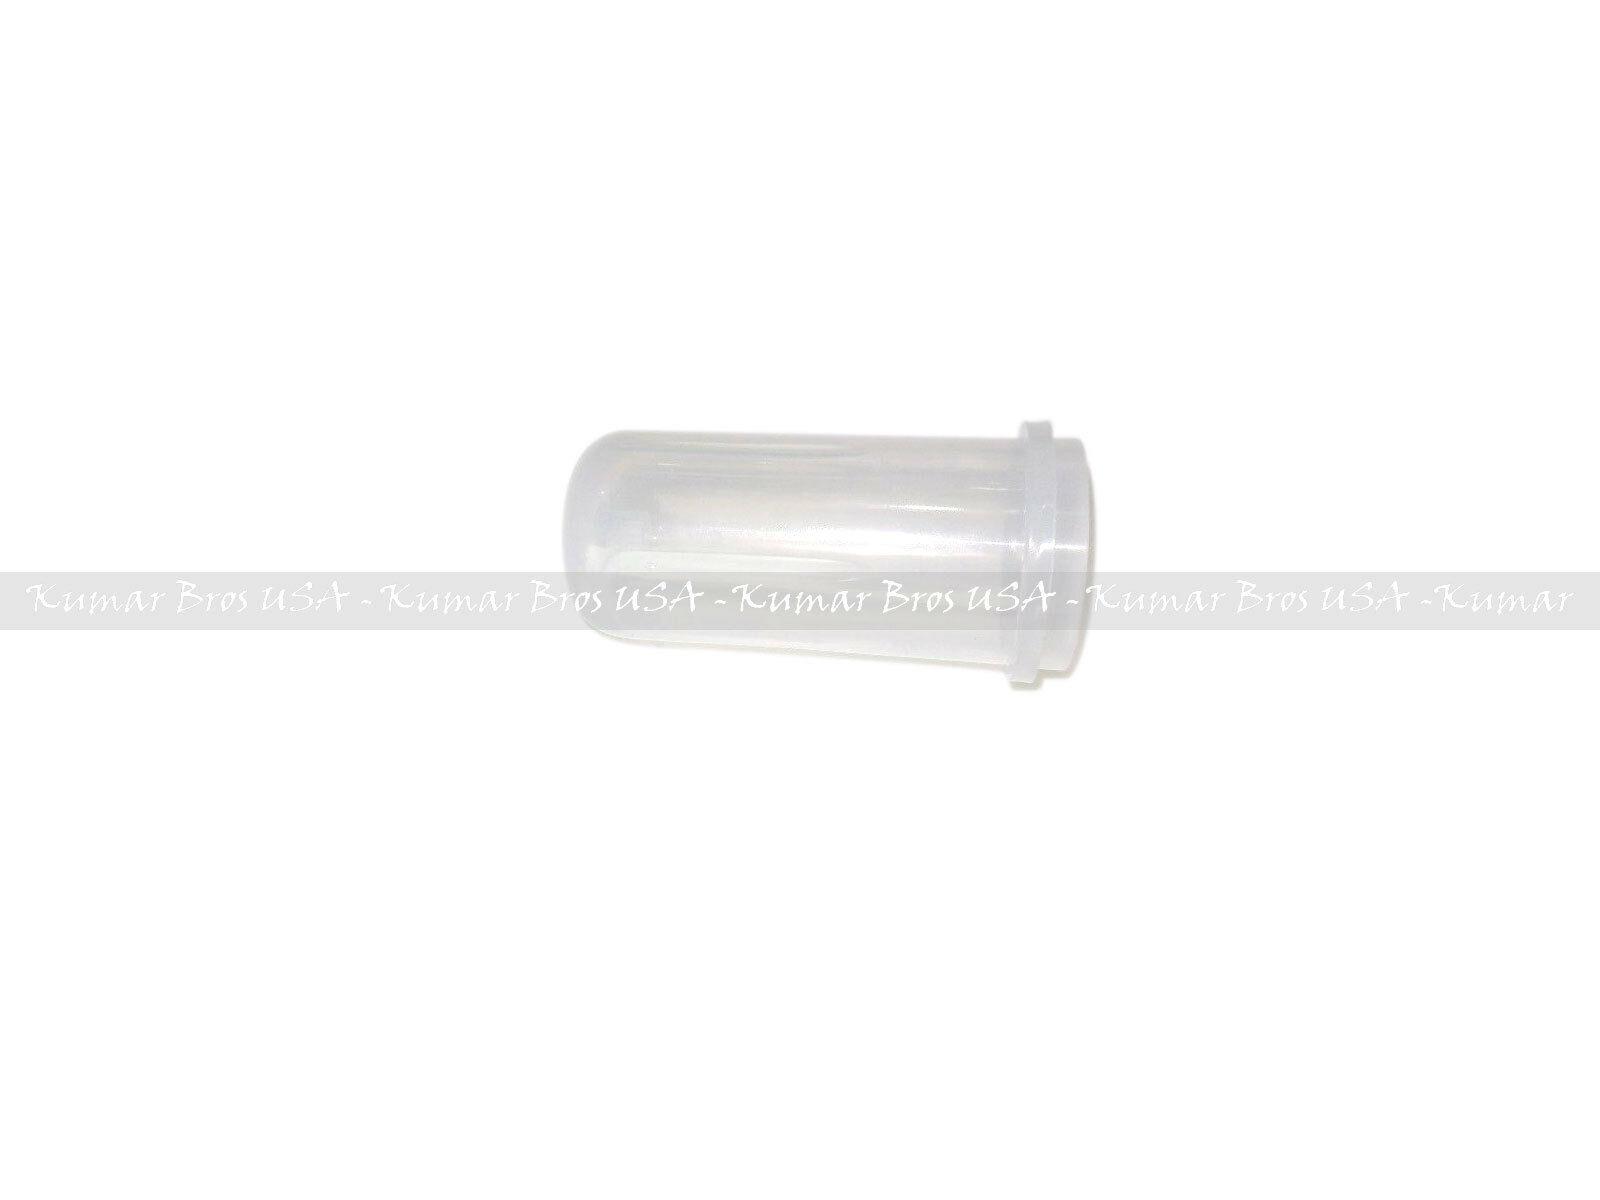 New Yanmar Fuel Filter BOWL 3TNE68-G2A 3TNE68-SA 3TNE74-G2A 3TNE78-G1A